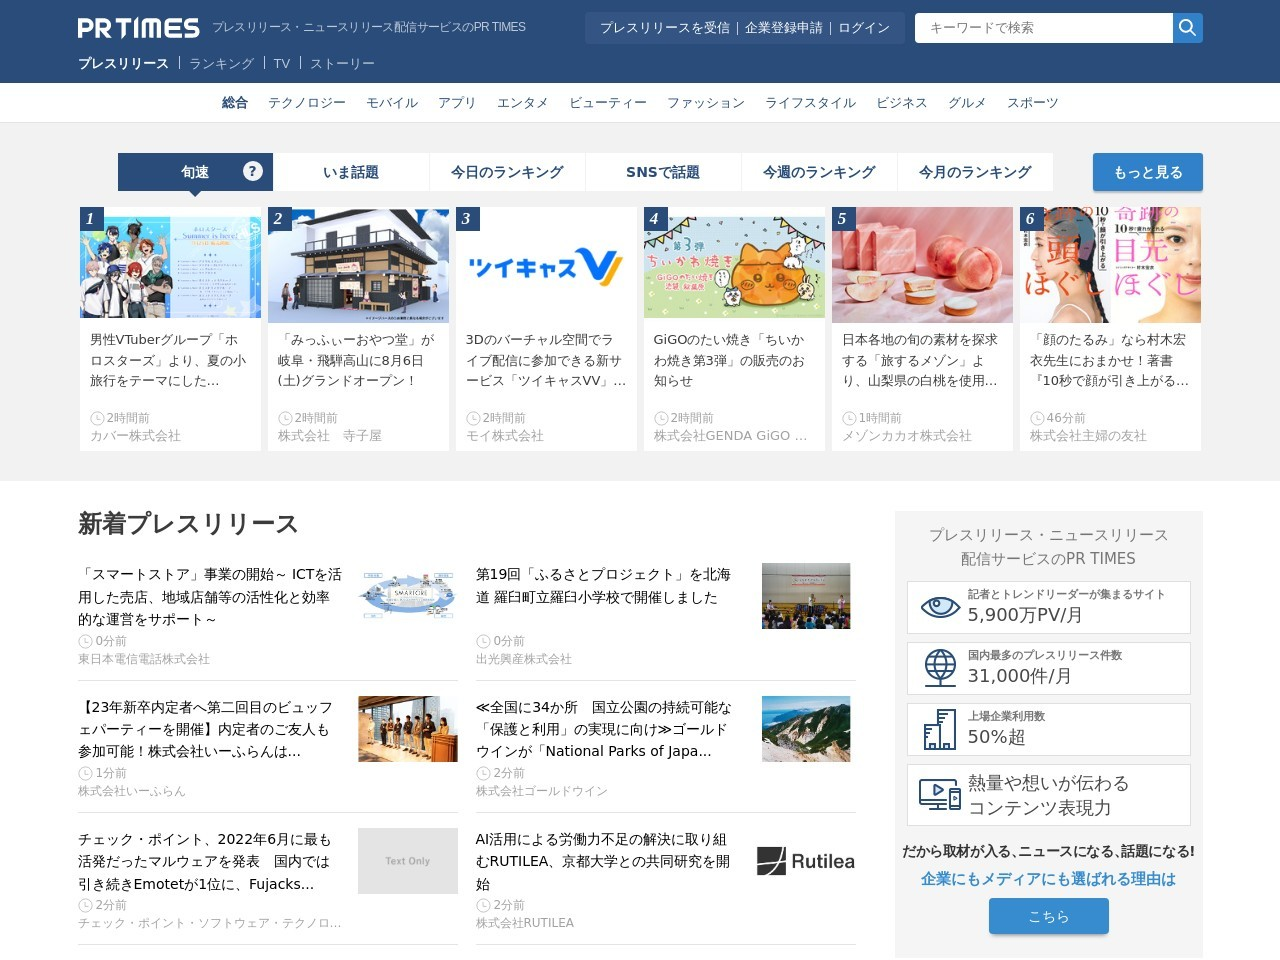 【Press Release】「ランキングBOX」の事業譲受について